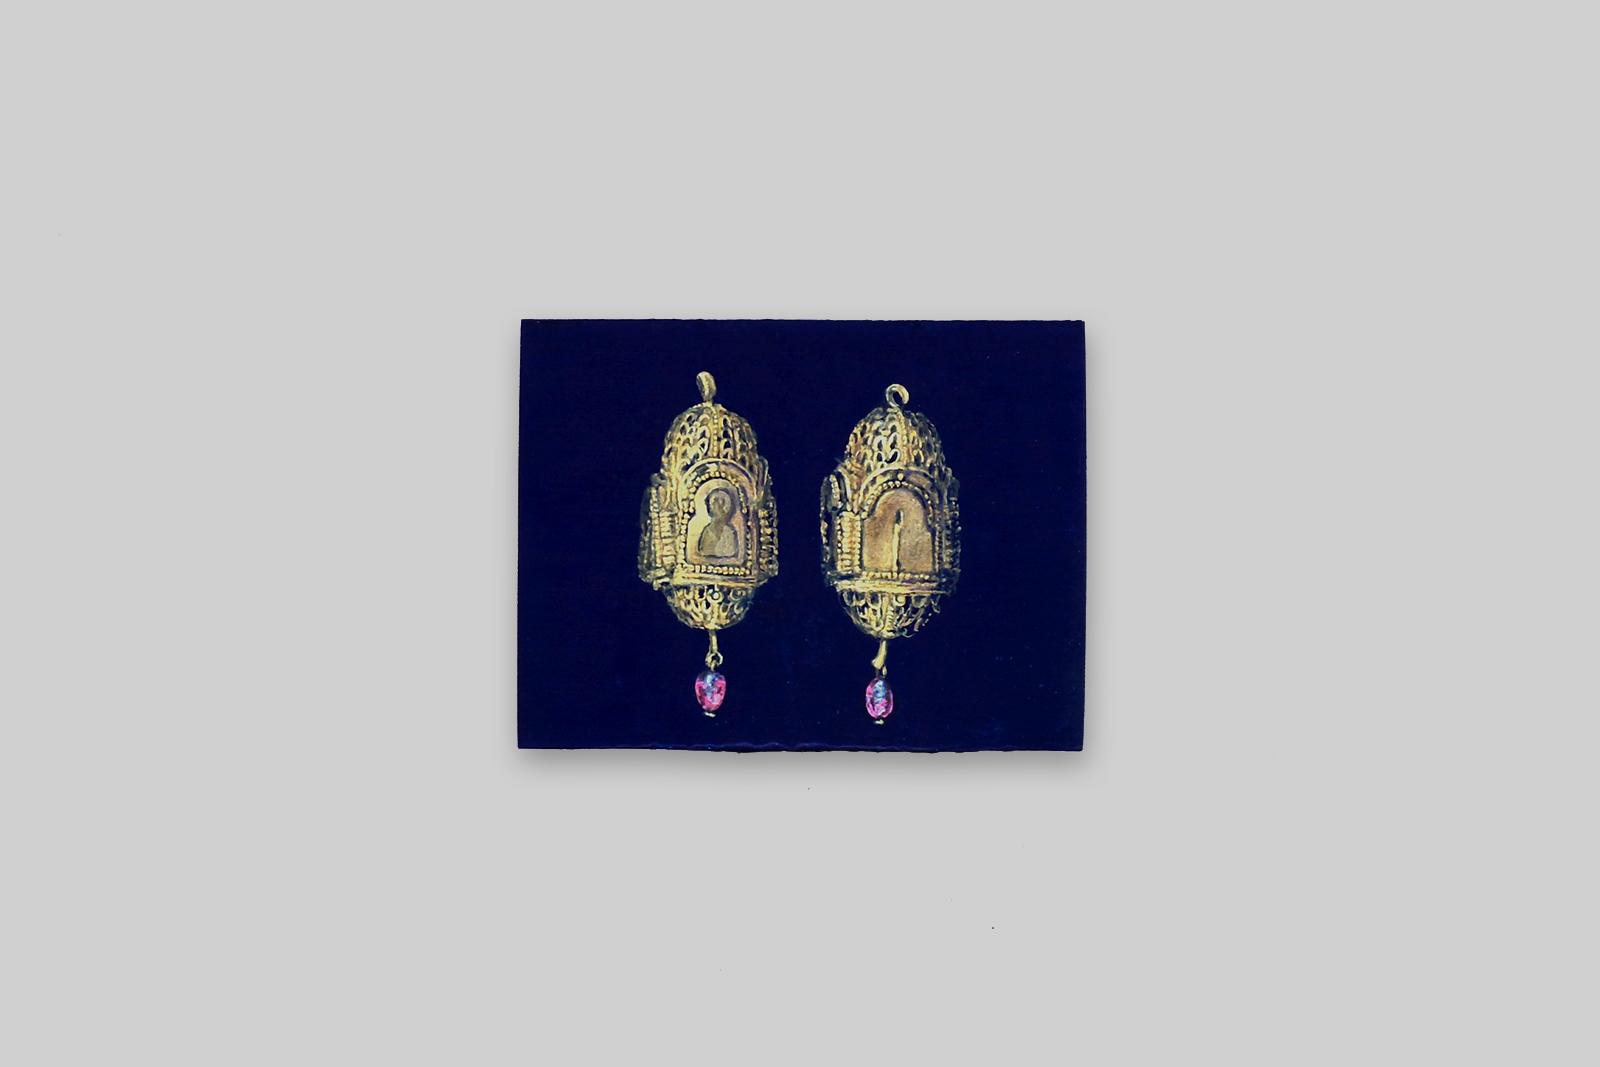 'toermelijn', 2012, tempera/paneel, 11 x 14,5 cm